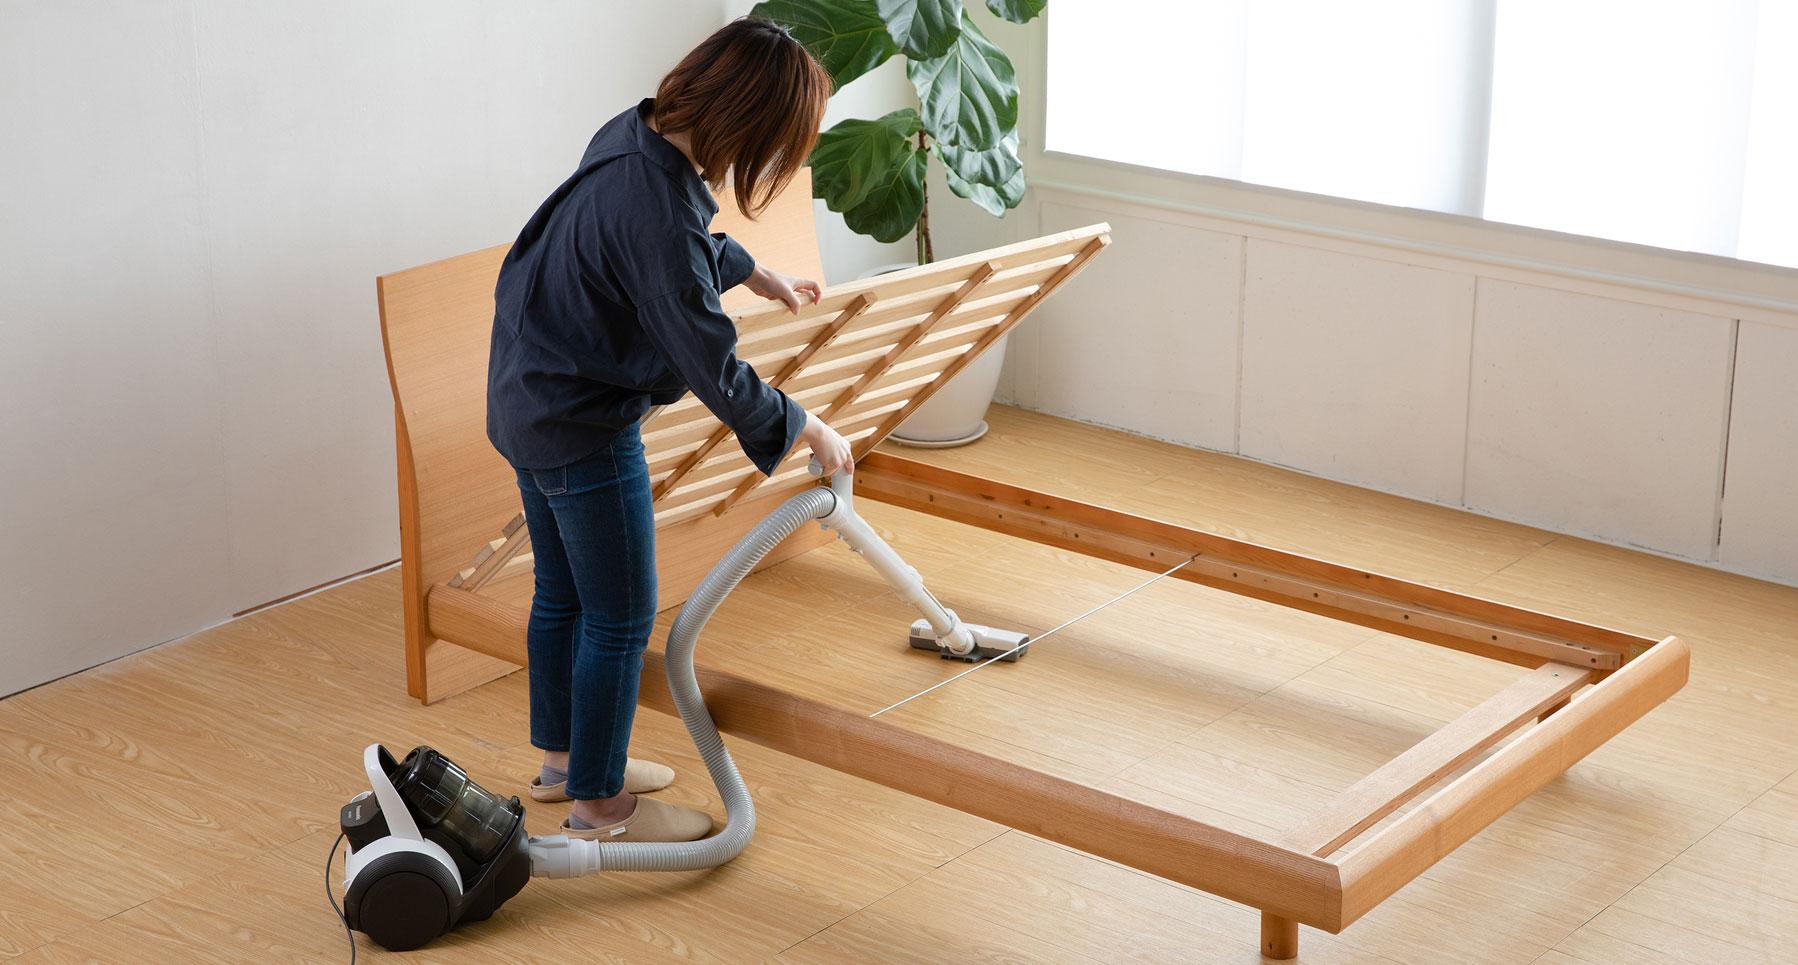 ベッド下はスノコを持ち上げると楽に掃除することができます。